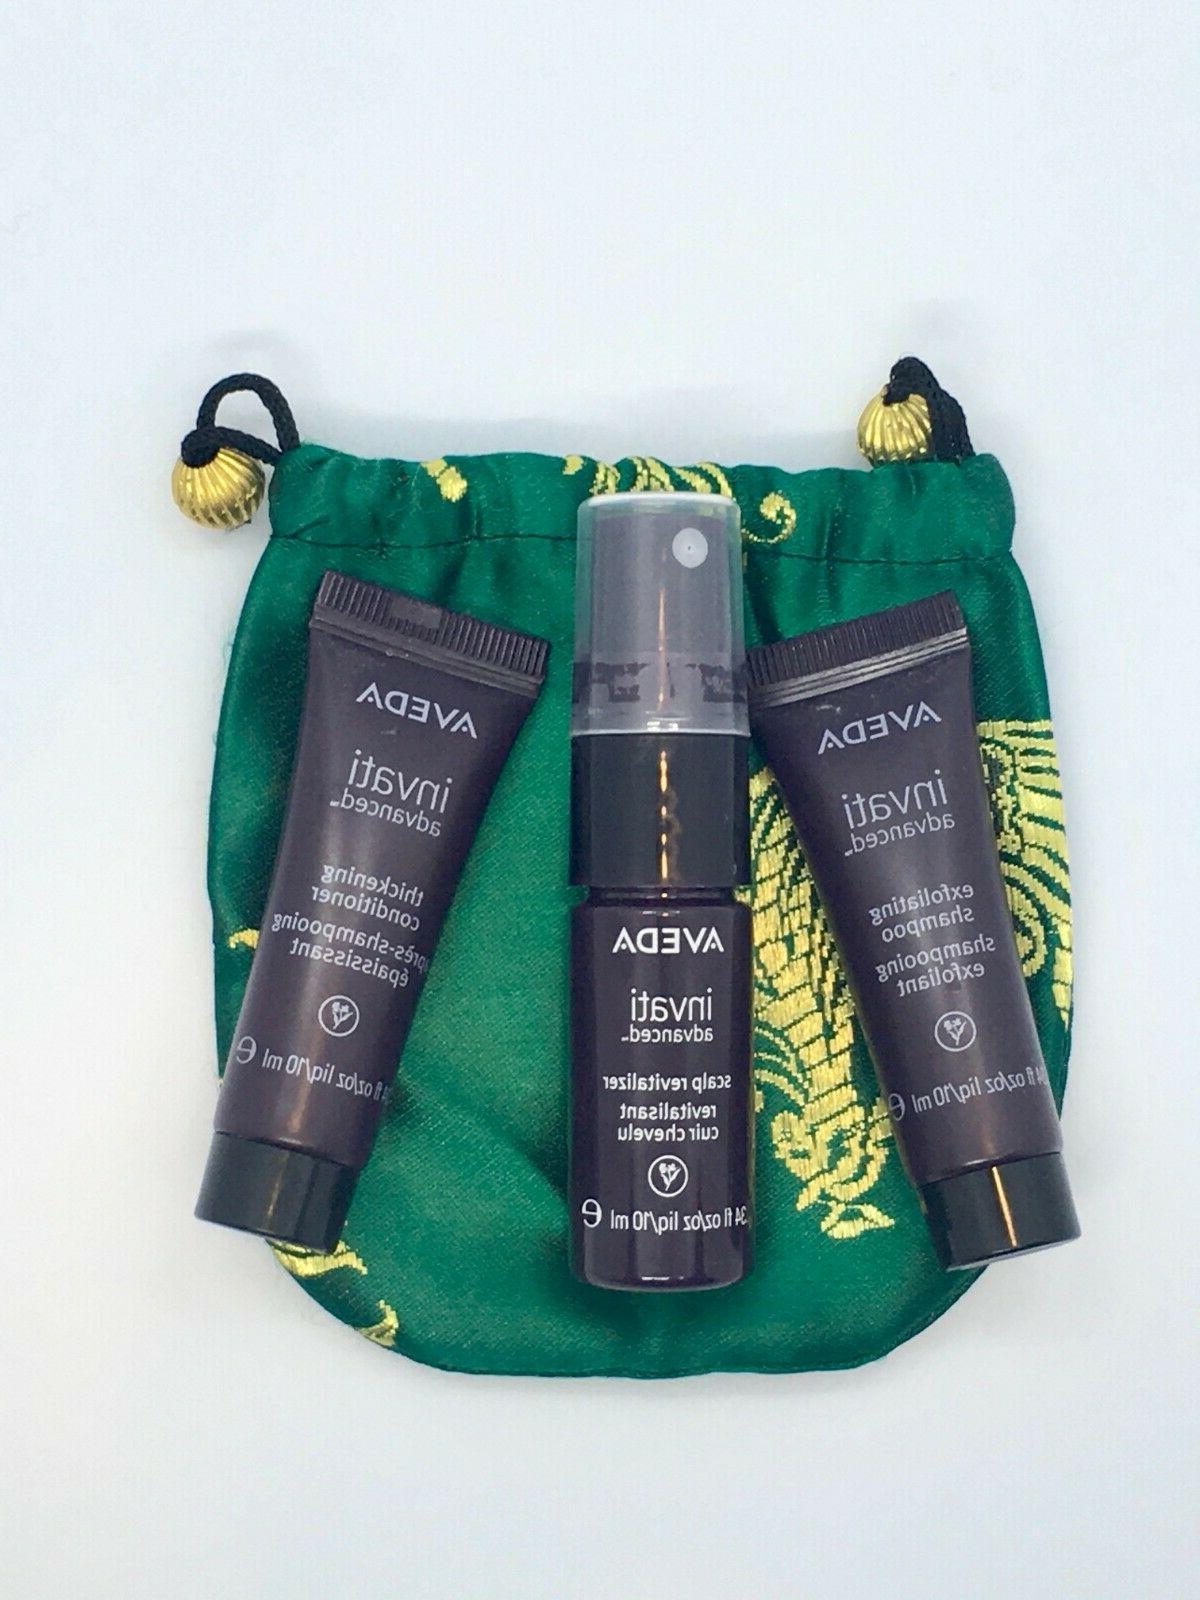 invati sample pack 34oz 10ml natural hair